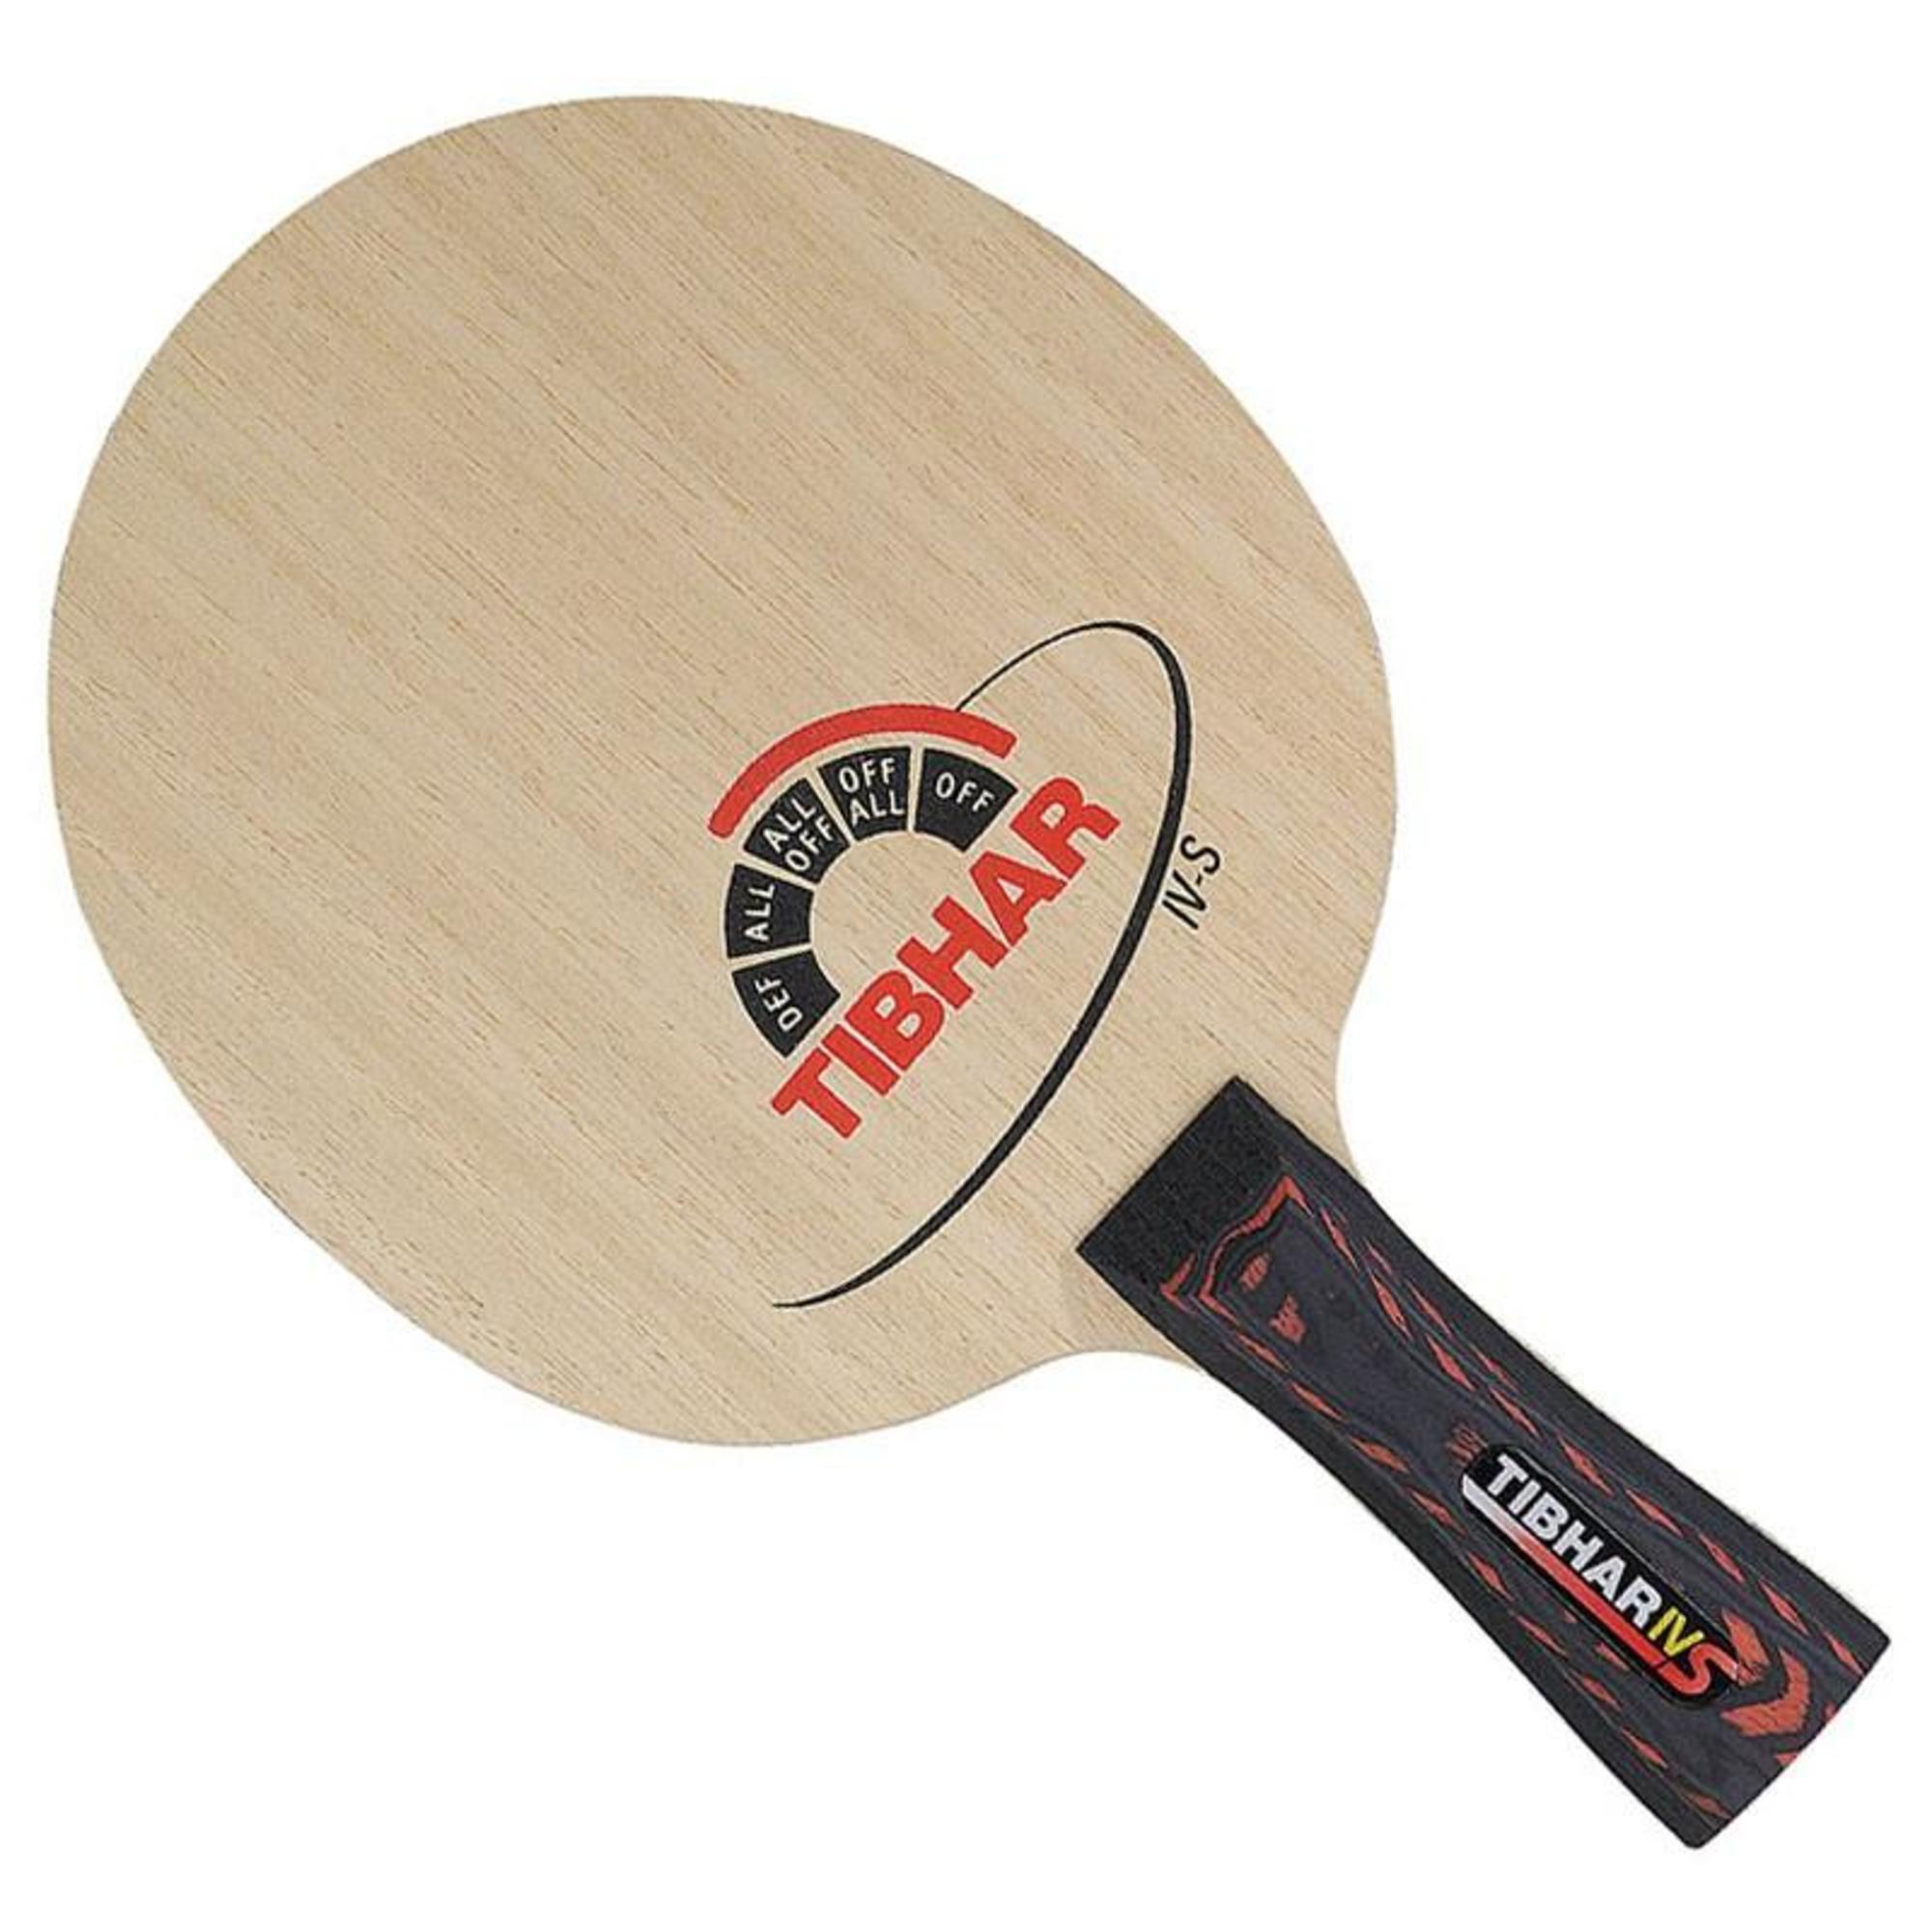 Tibhar bois de raquette de tennis de table iv s decathlon - Raquette de tennis de table decathlon ...